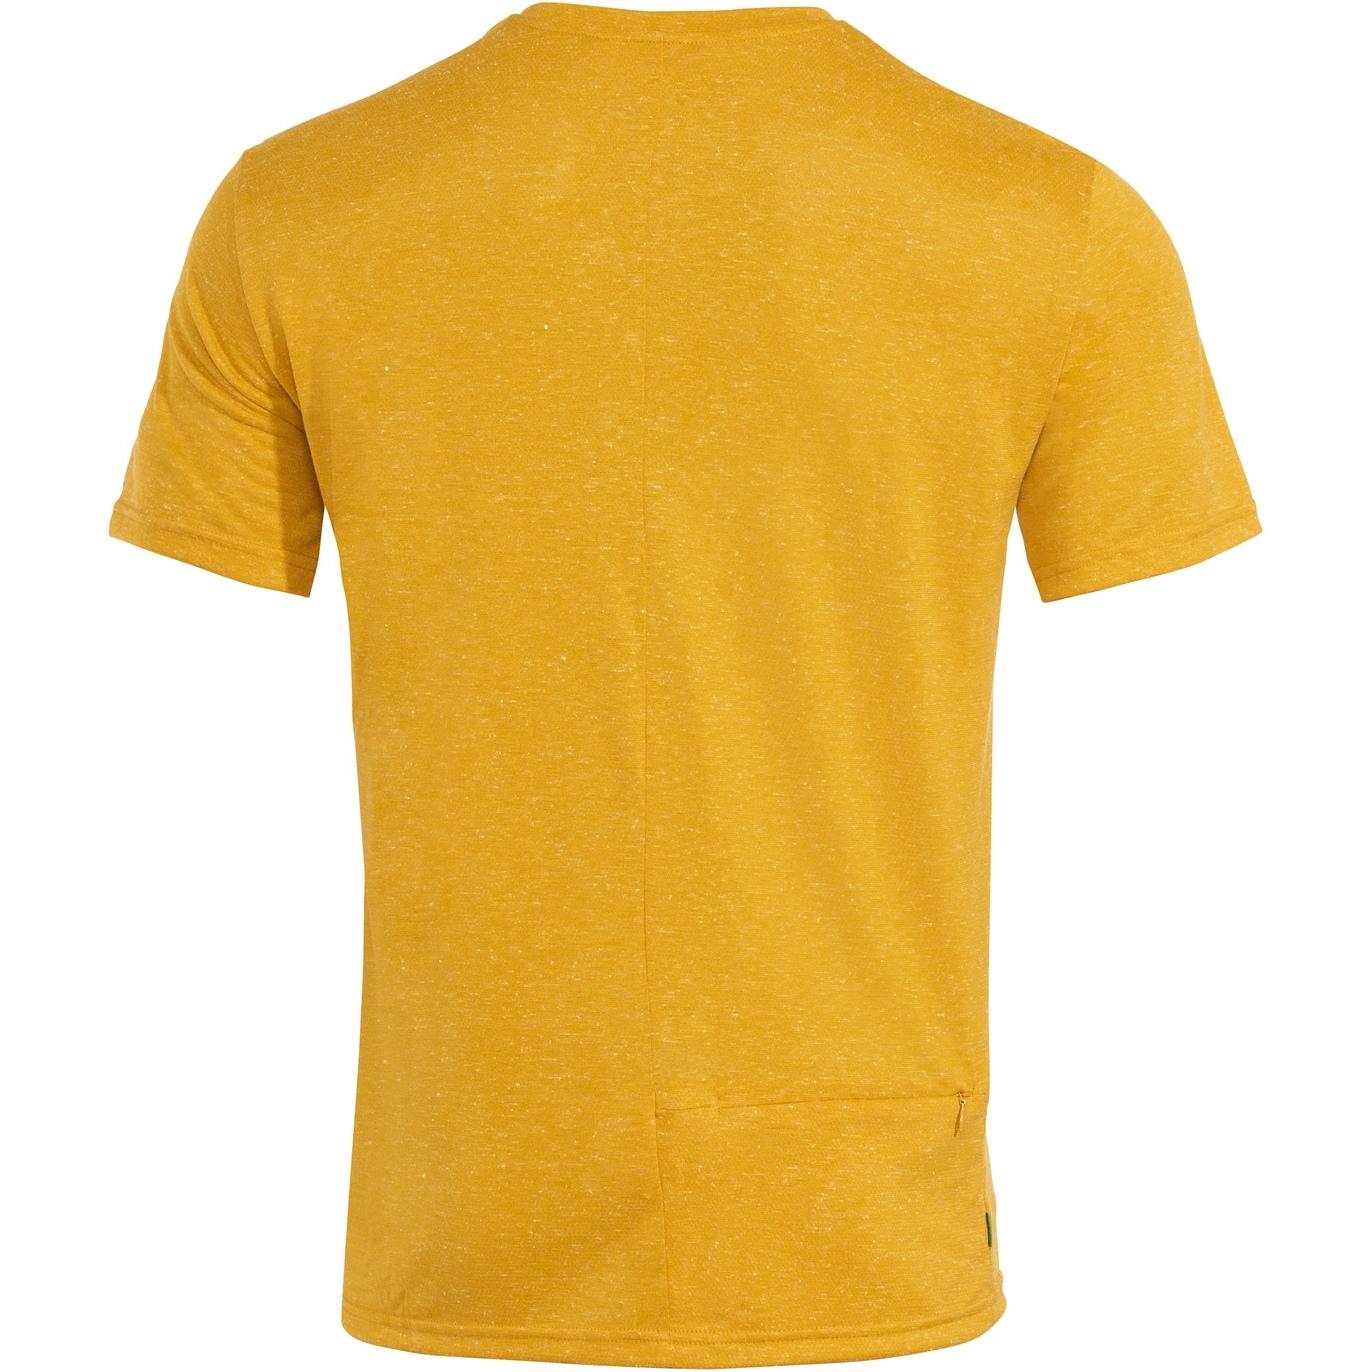 Bild von Vaude Mineo Hanf  T-Shirt - marigold